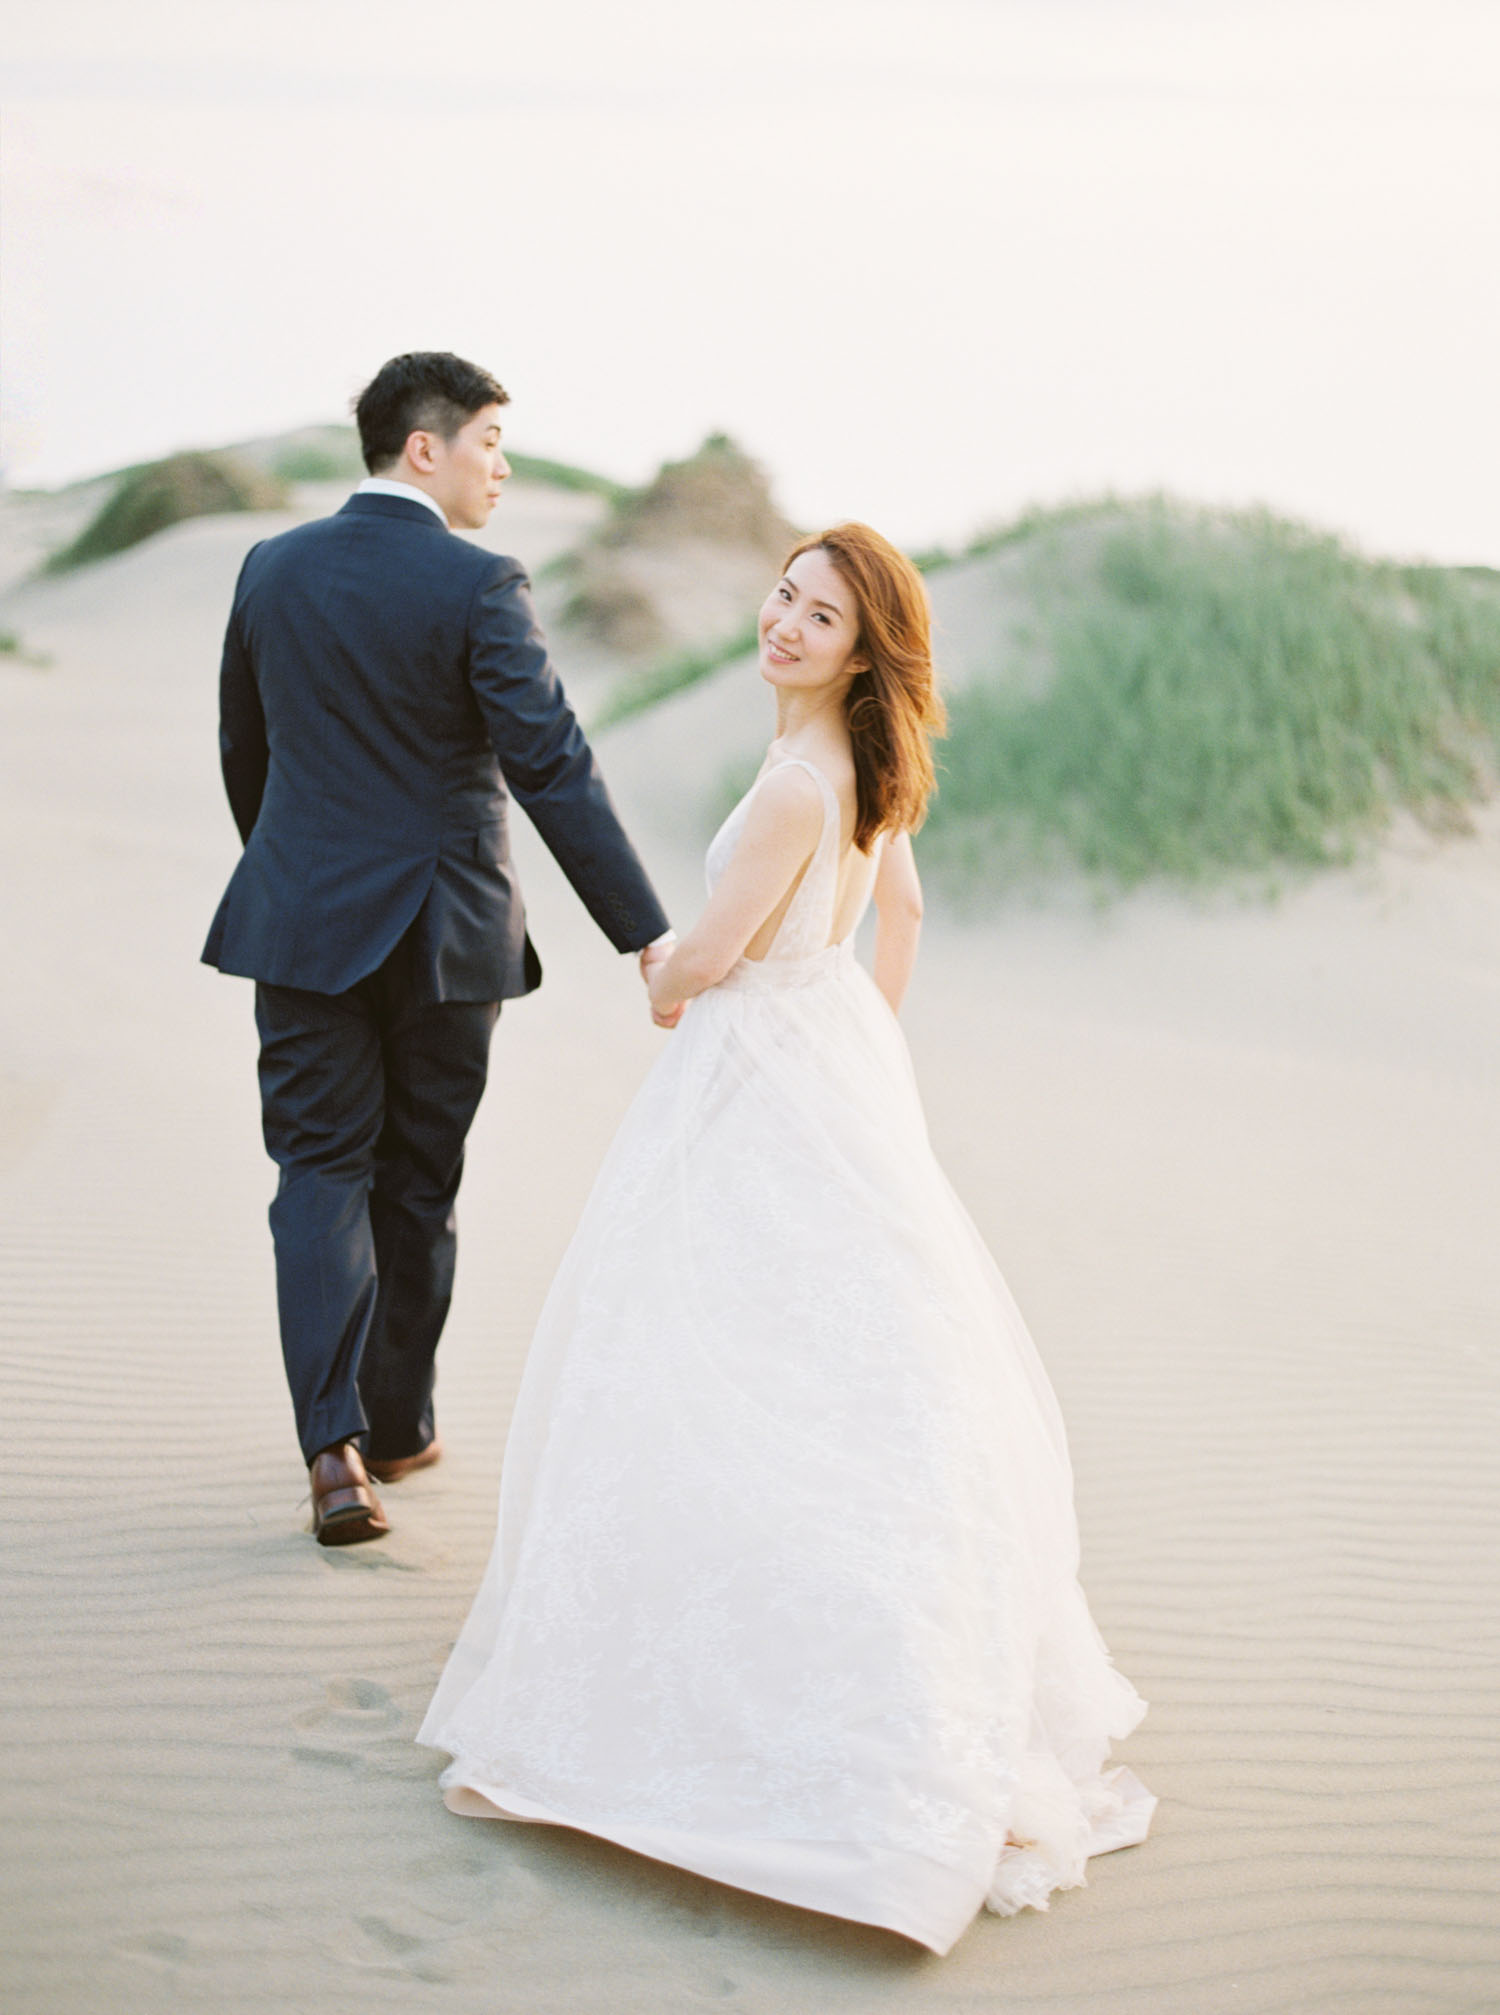 沙漠婚紗-海灘-逆光-底片-Fine Art